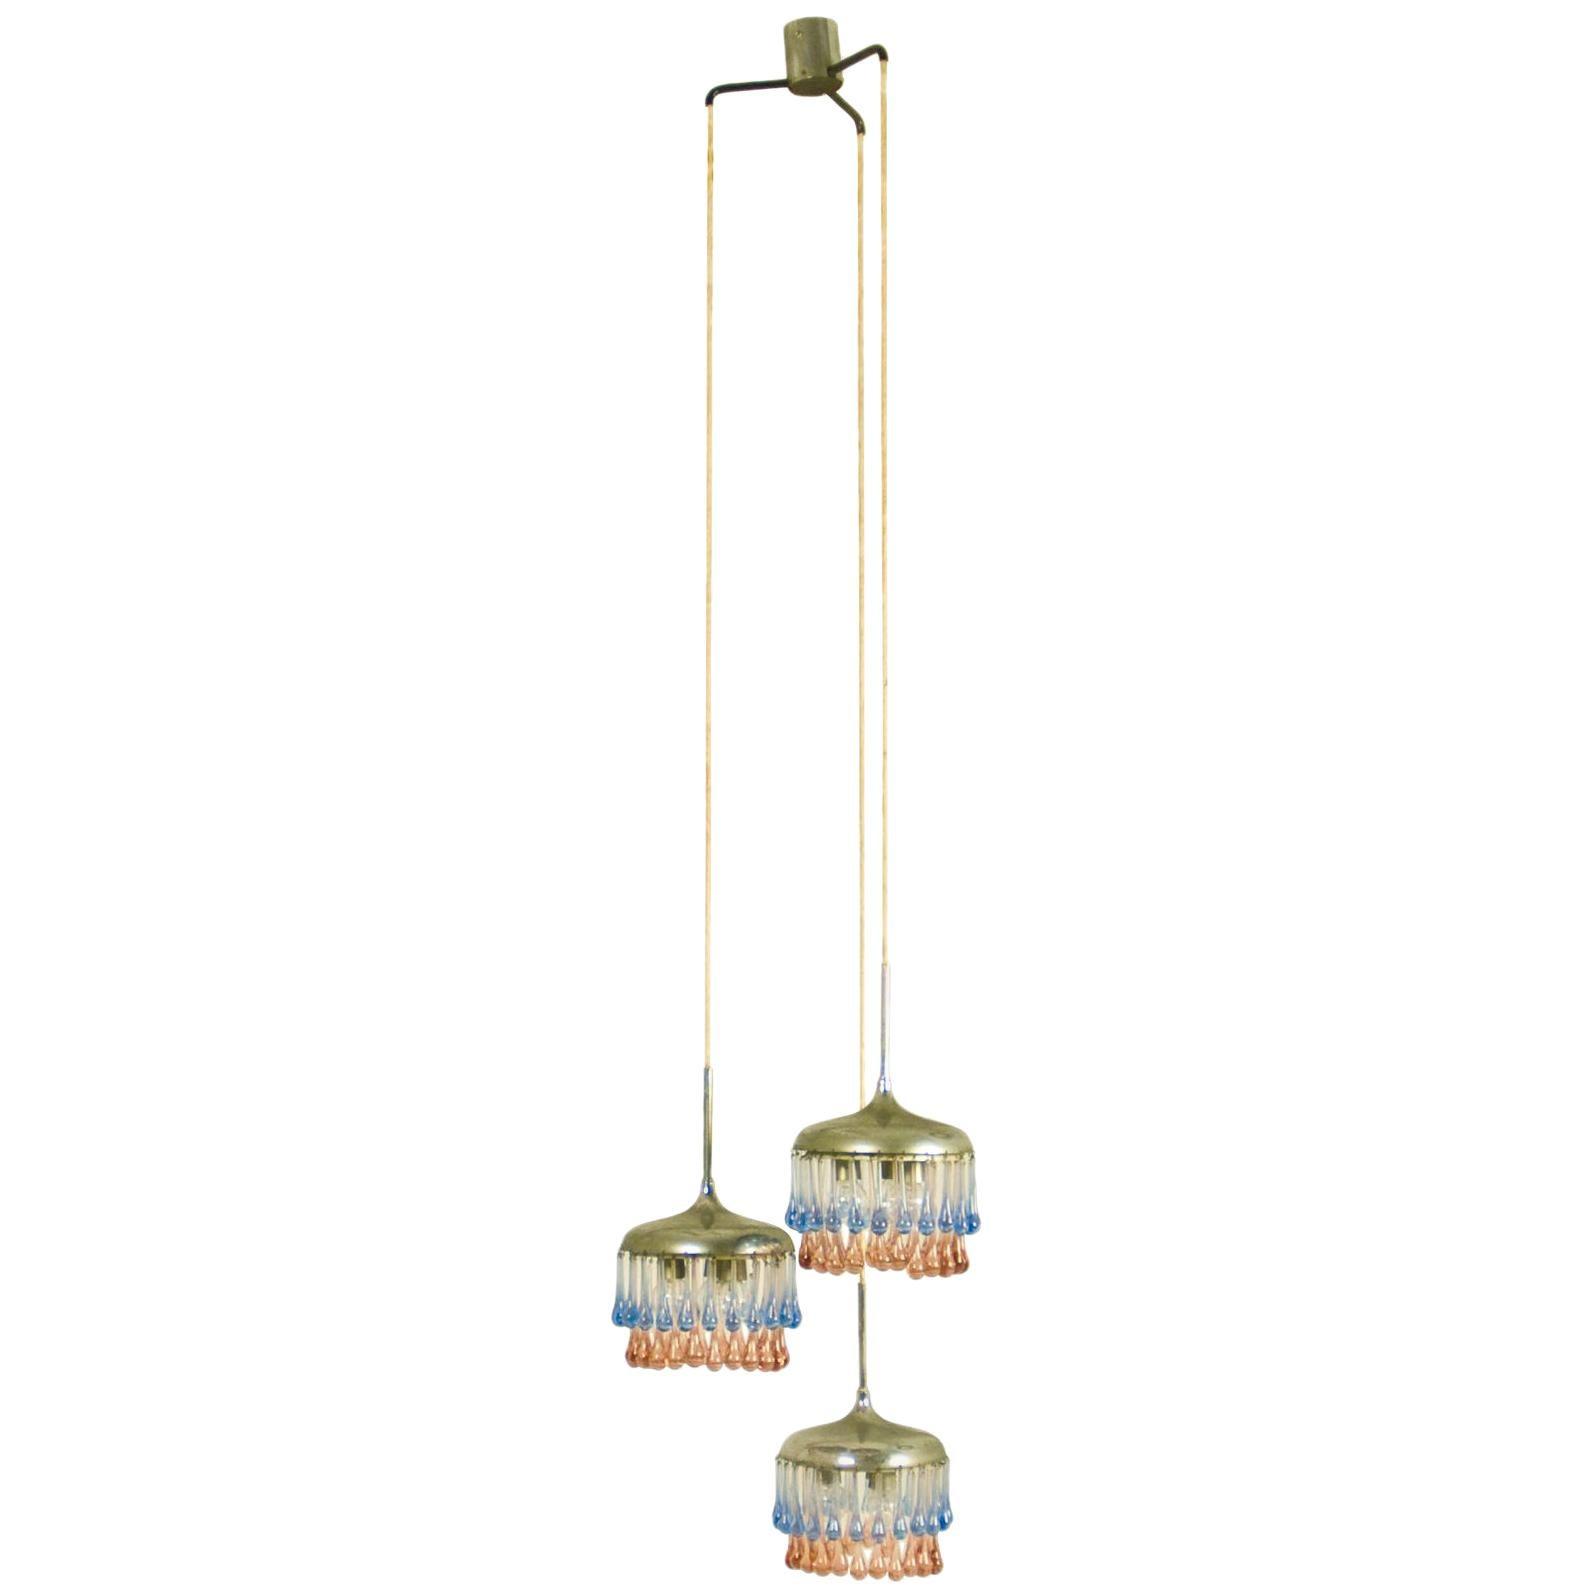 Midcentury Italian Chrome and Glass Nine-Light Pendant Lamp by Stilnovo